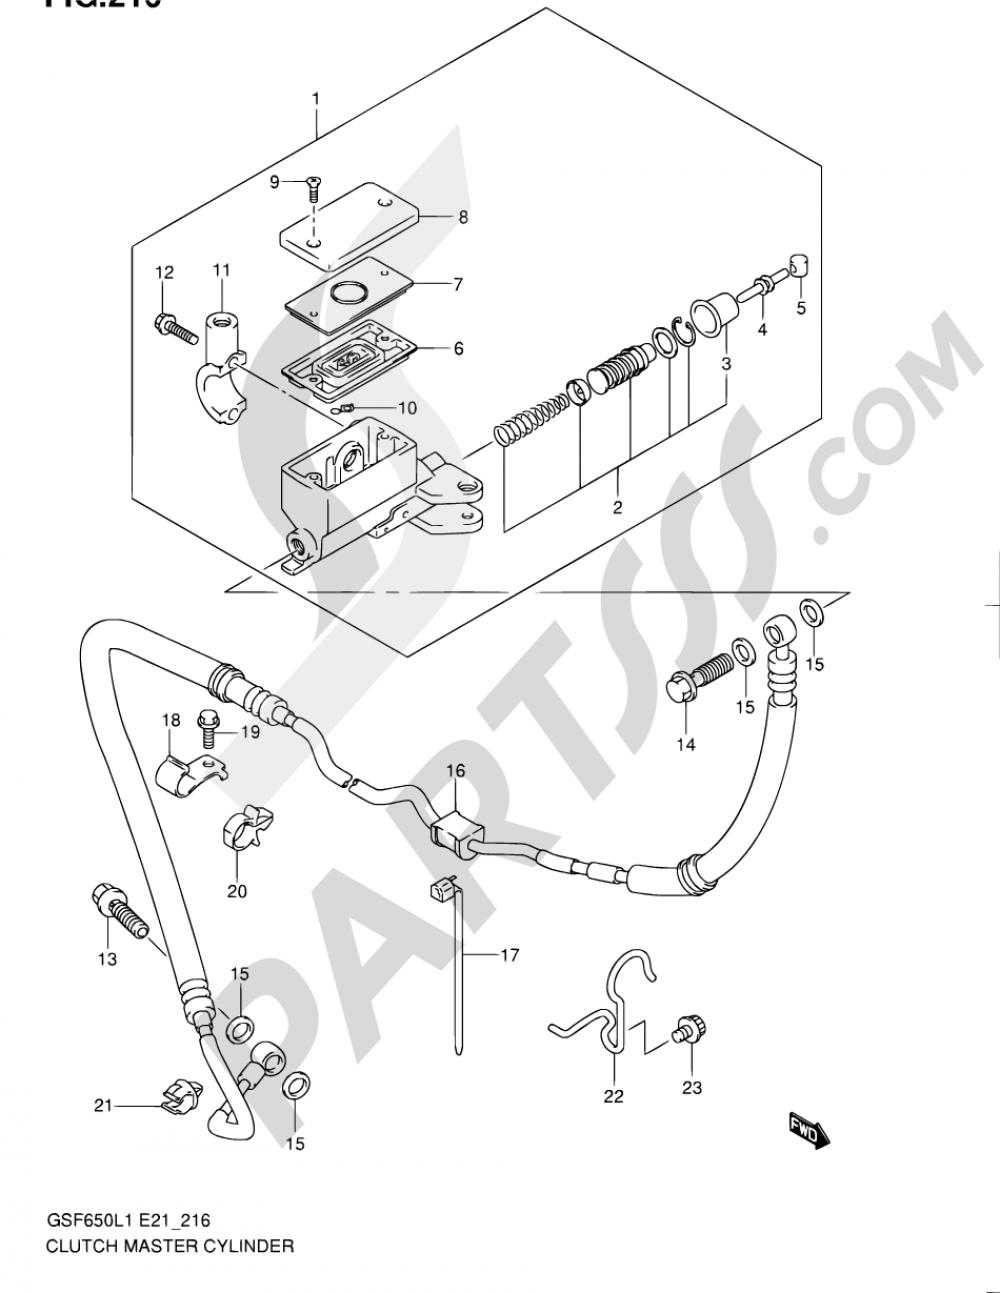 216 - CLUTCH MASTER CYLINDER (GSF650UAL1 E21) Suzuki BANDIT GSF650S 2011